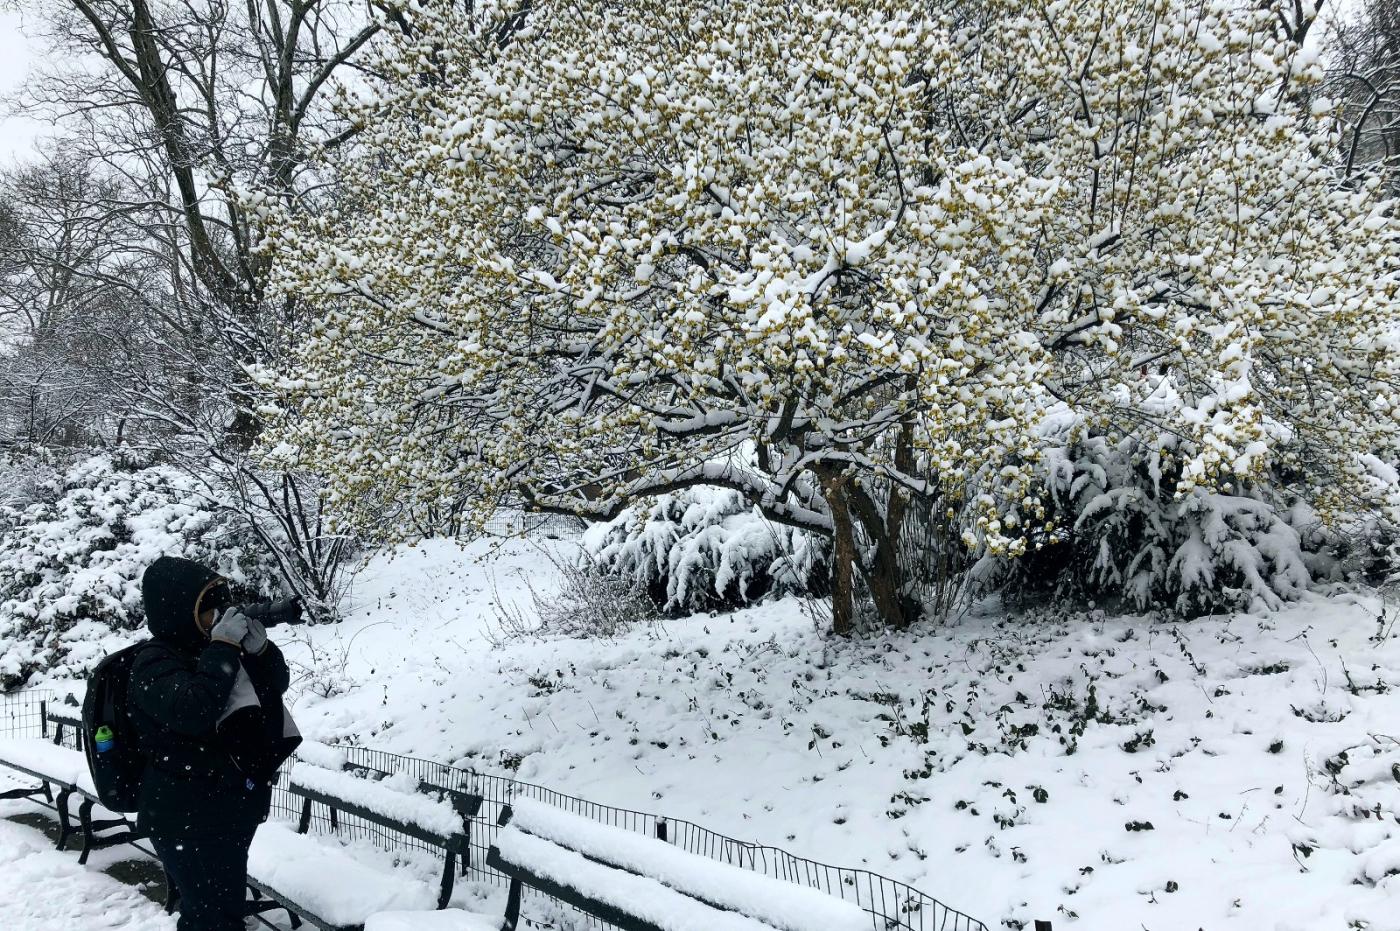 【田螺手机摄影】纽约雪景、还是中央公园最漂亮[二]_图1-8